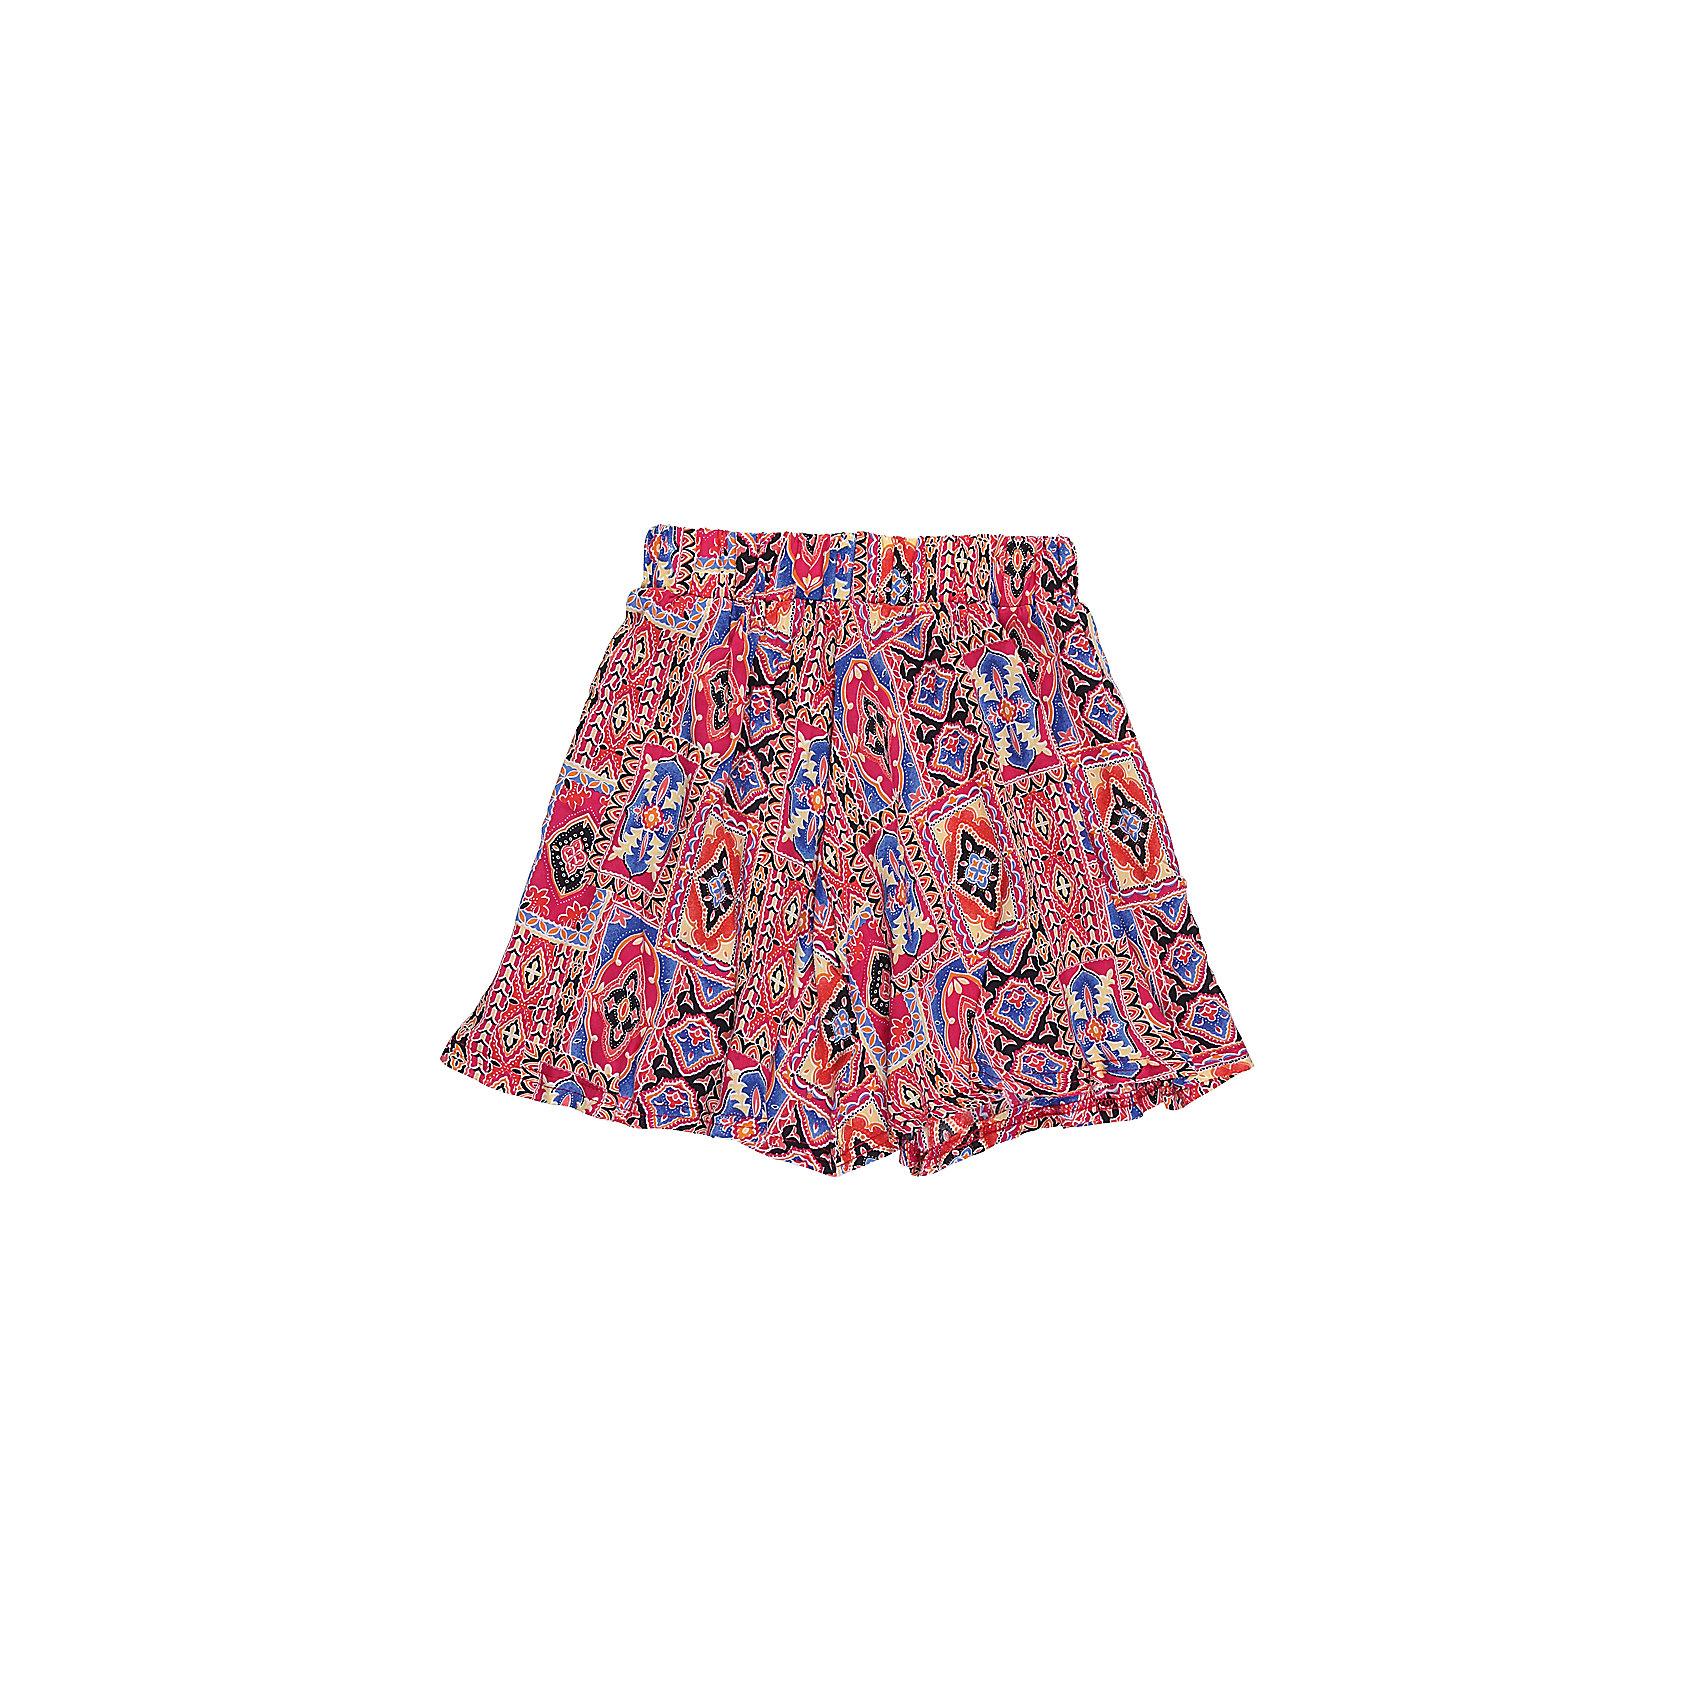 Юбка для девочки LuminosoЮбки<br>Легкая текстильная юбка для девочки из принтованной ткани. Широкий эластичный пояс.<br>Состав:<br>100% вискоза<br><br>Ширина мм: 207<br>Глубина мм: 10<br>Высота мм: 189<br>Вес г: 183<br>Цвет: разноцветный<br>Возраст от месяцев: 144<br>Возраст до месяцев: 156<br>Пол: Женский<br>Возраст: Детский<br>Размер: 158,164,134,152,140,146<br>SKU: 5413633